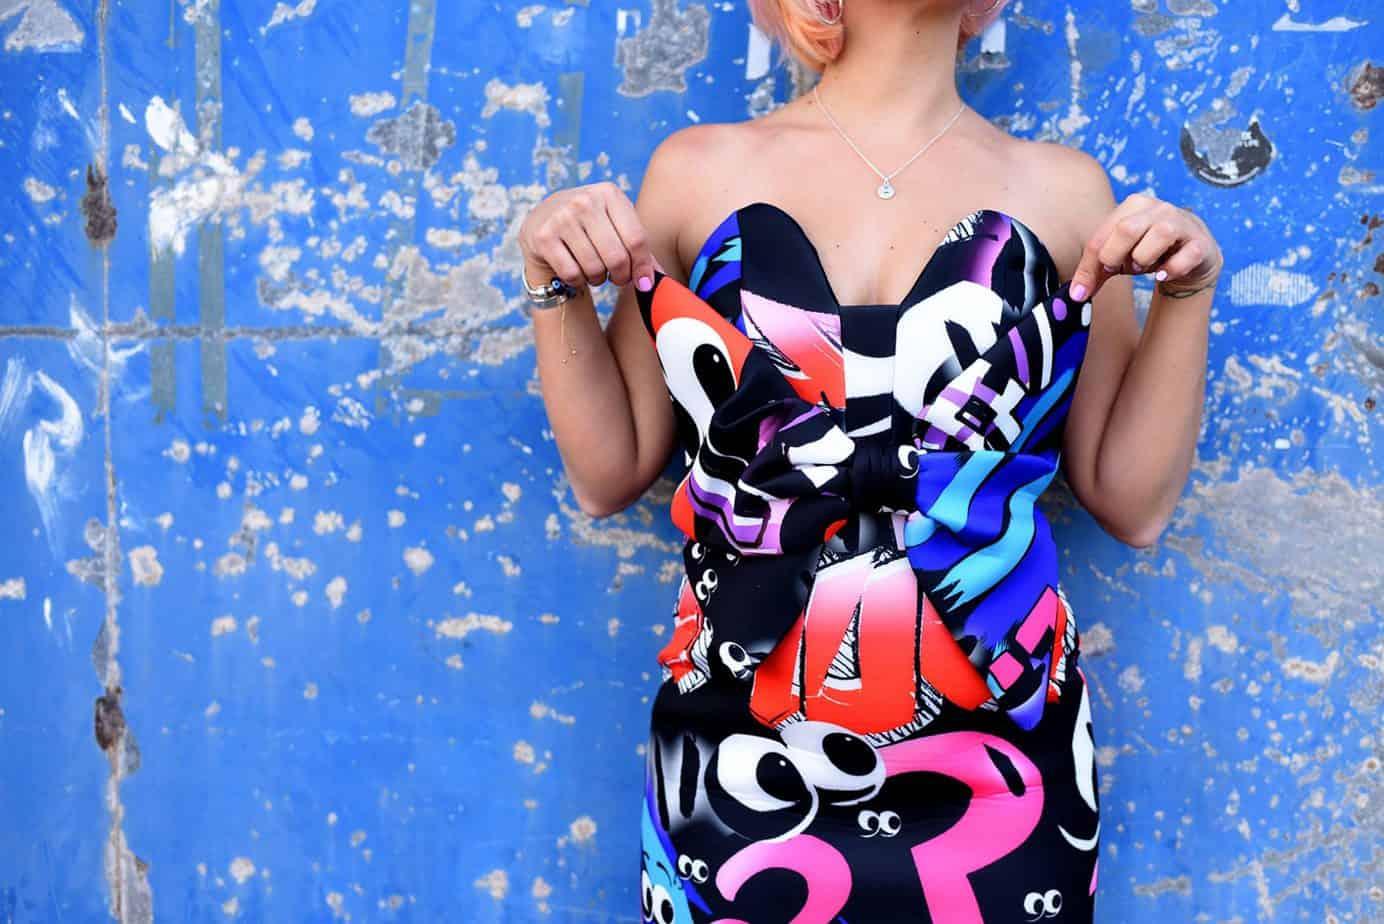 נעלי עקב שחור Castro שמלה צבעונית asos x the Emoji movie, מורן טרסוב, Moran Tarasov, צילום: לימור יערי - 10